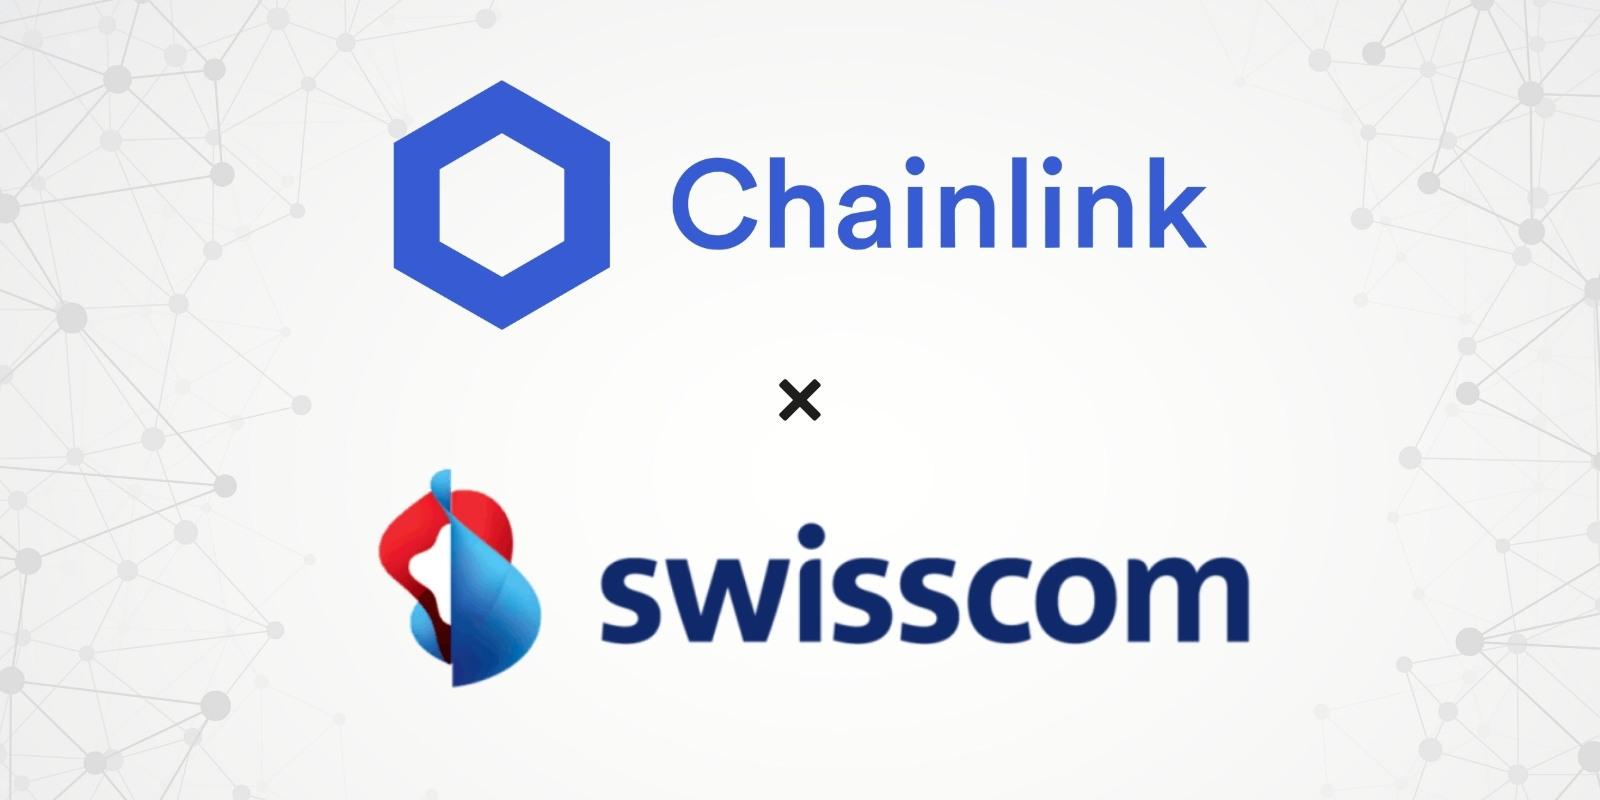 Le géant des télécoms Swisscom opère maintenant un nœud de Chainlink (LINK)